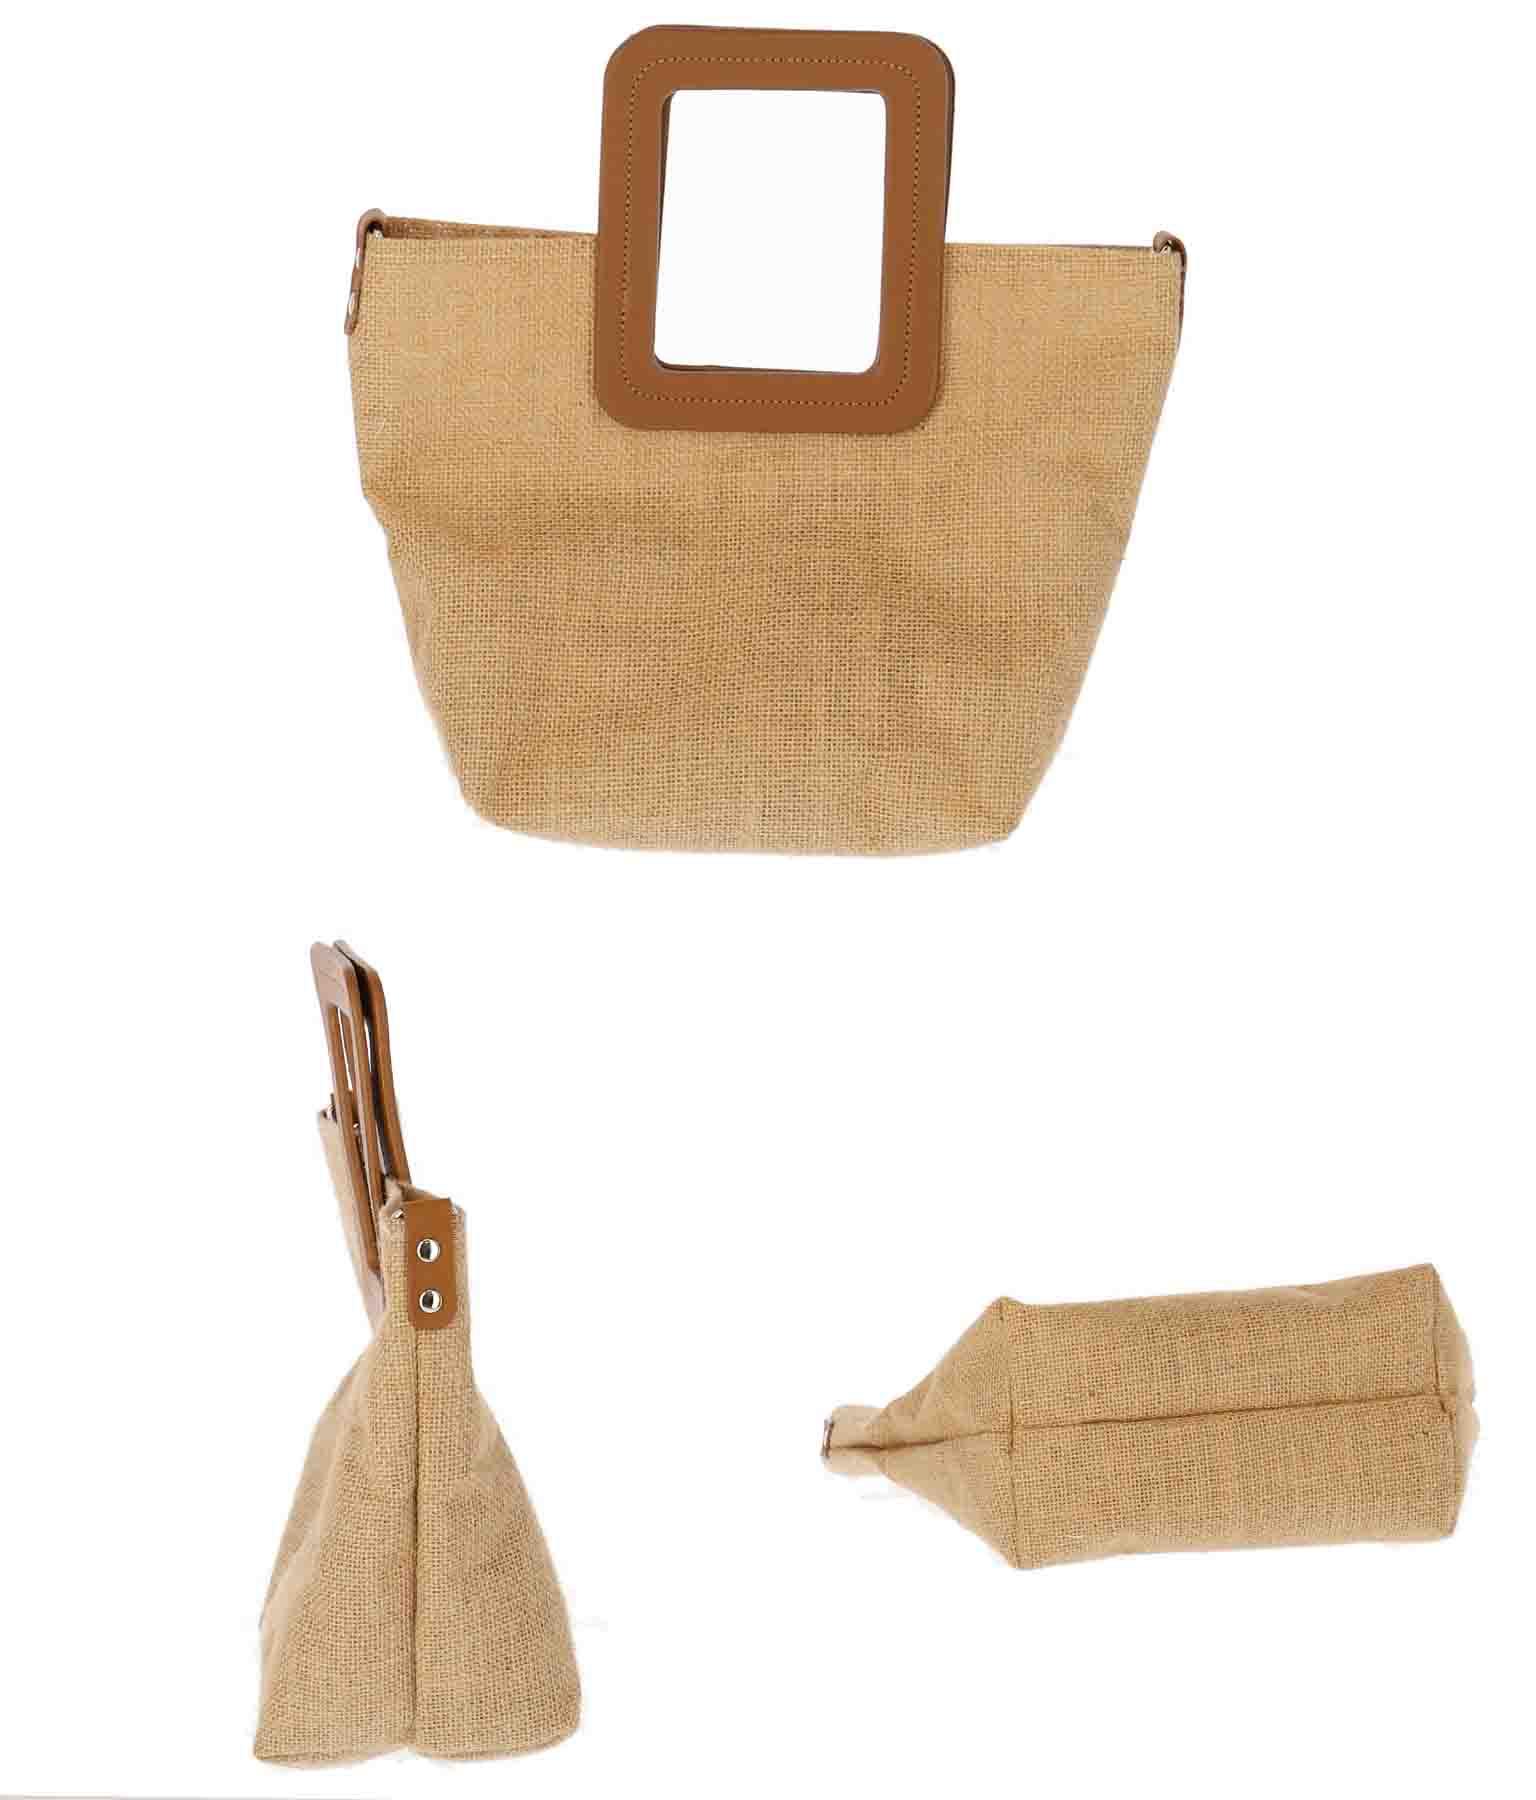 スクエアハンドル麻バッグ(バッグ・鞄・小物/ハンドバッグ) | CHILLE